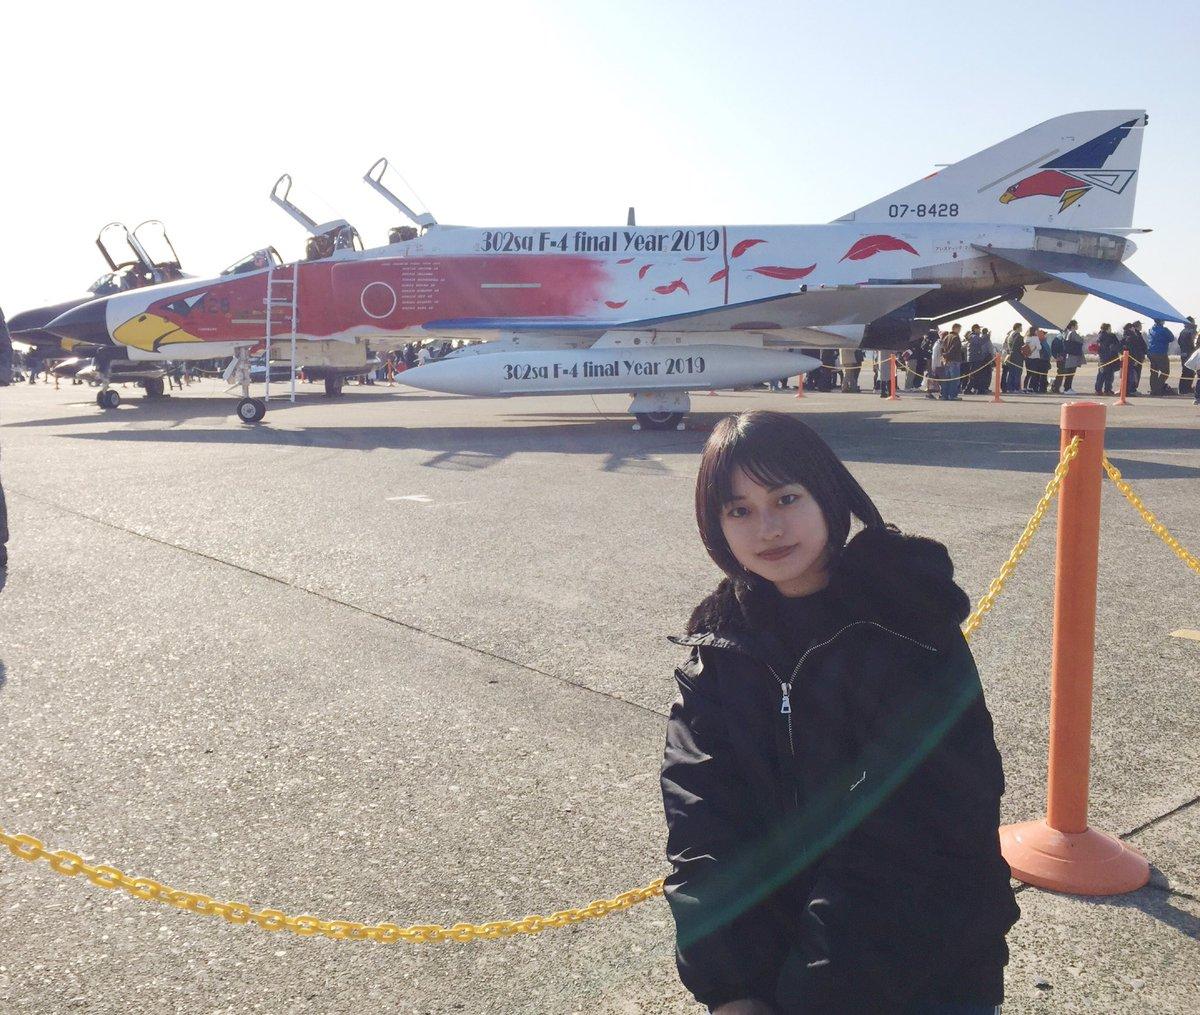 里 基地 ツイッター 百 百里基地 航空祭